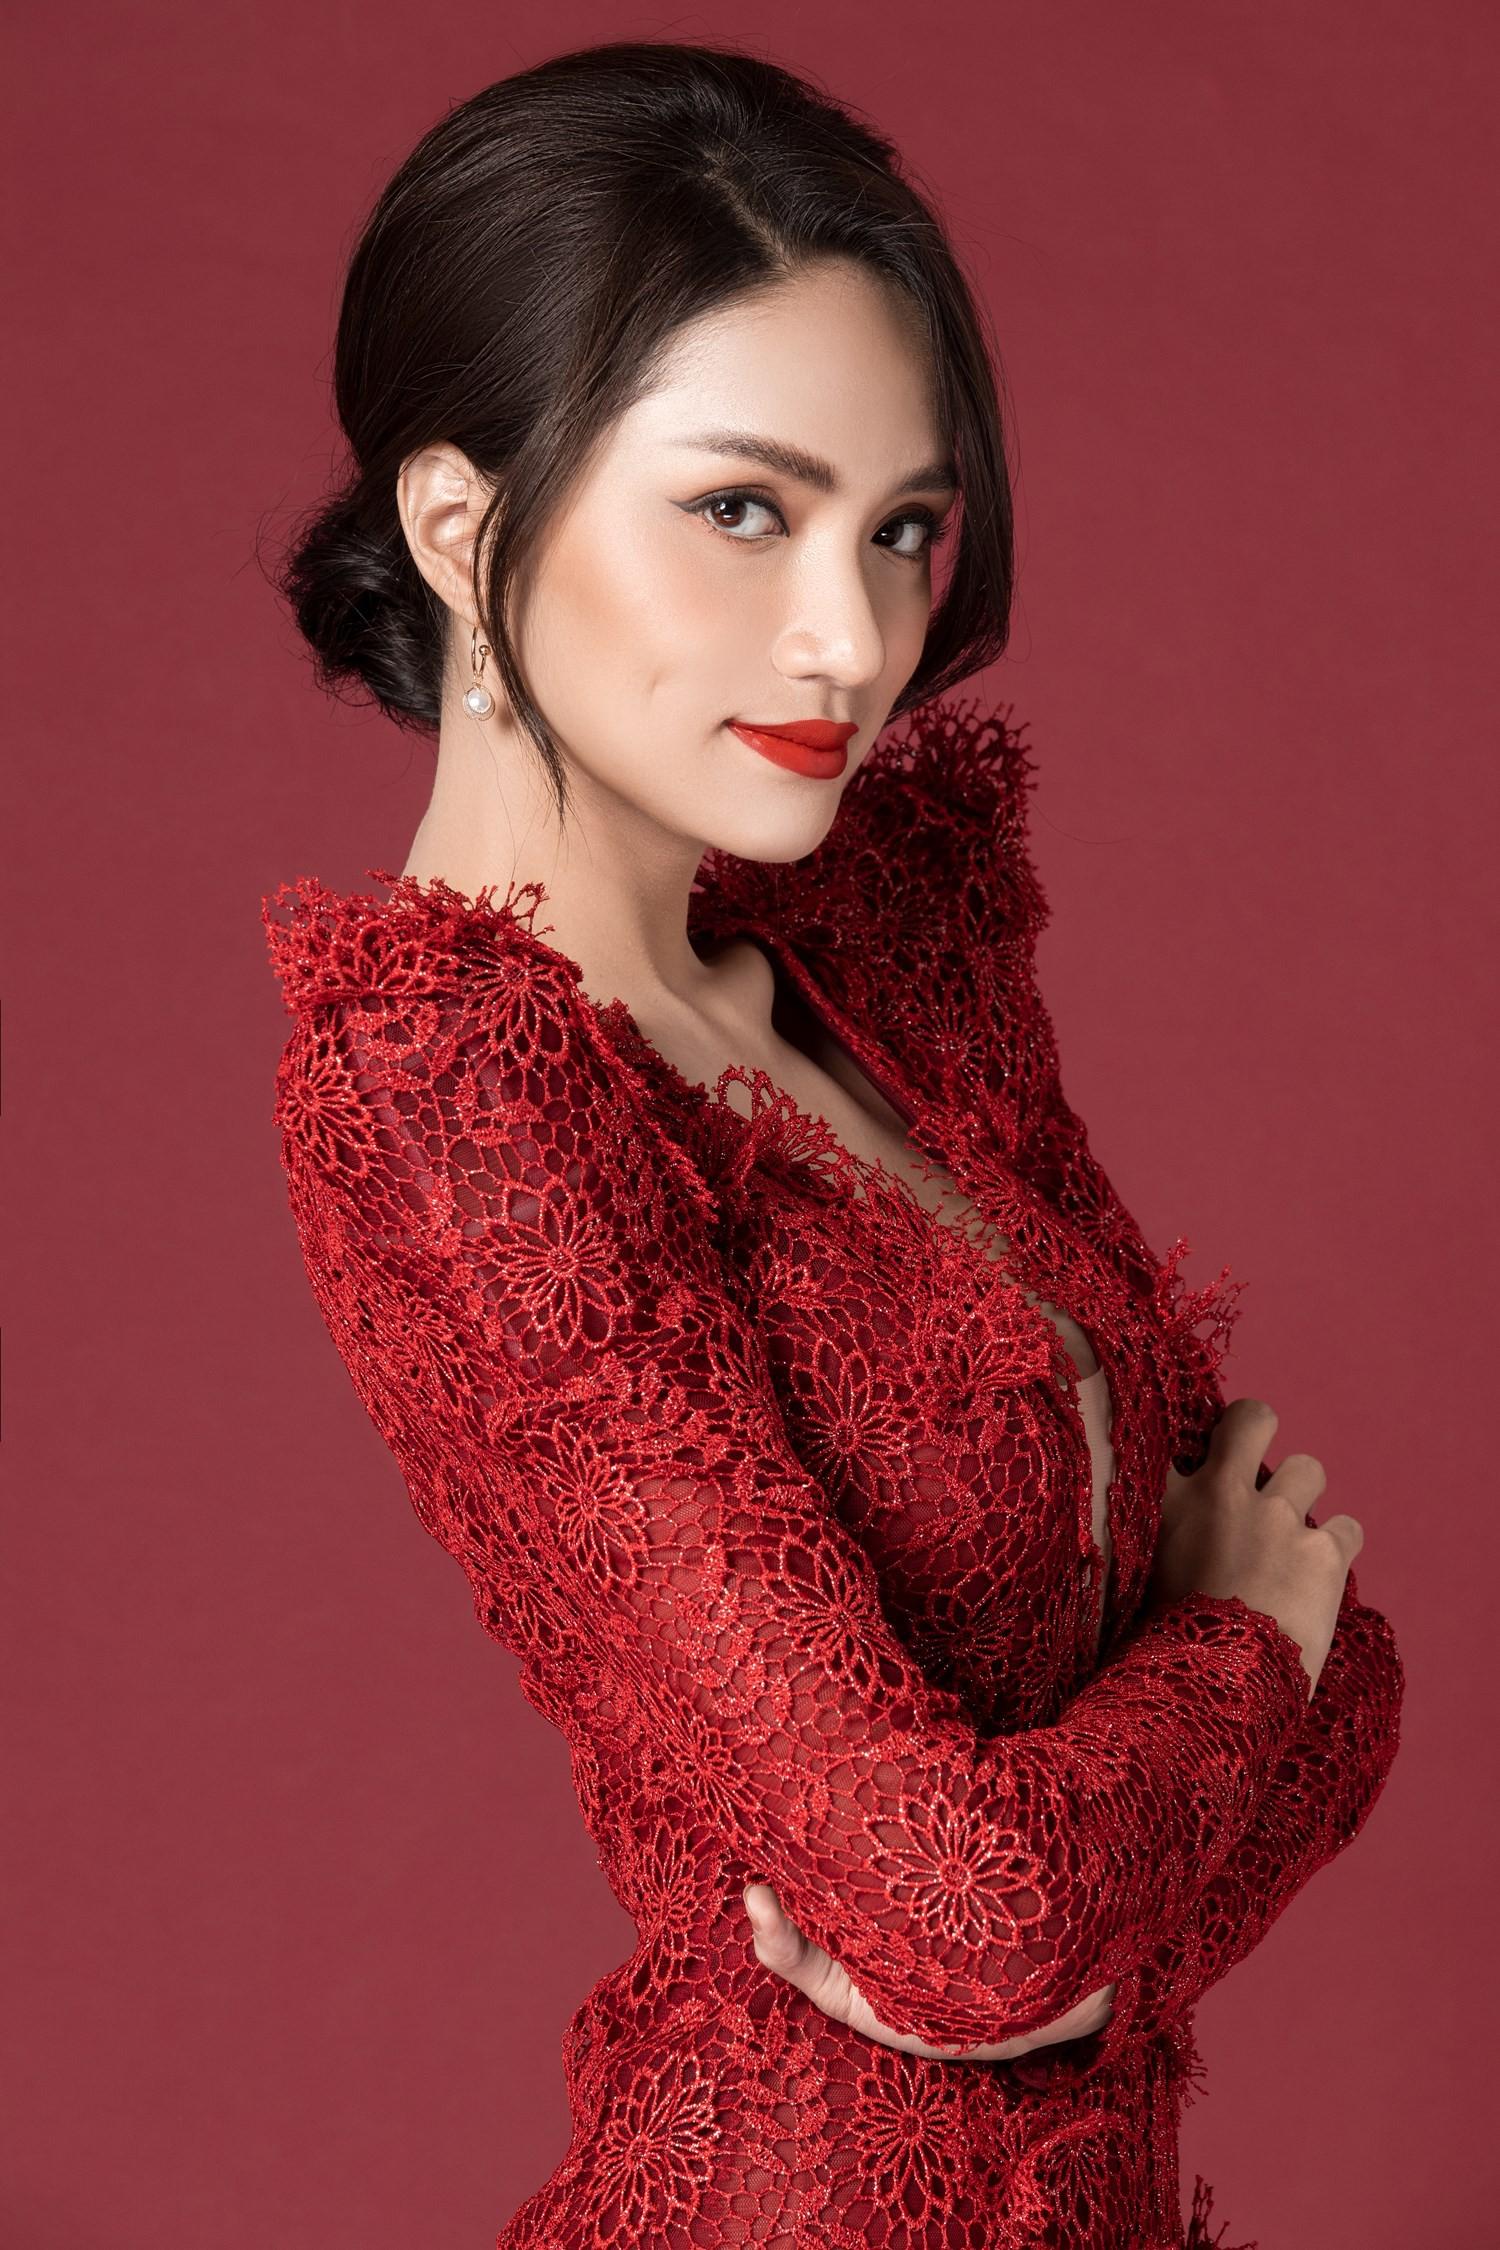 Chinh phục vương miện hoa hậu, Hương Giang lại được mời dự Paris Fashion Week, và cô nàng thực sự xứng đáng! - Ảnh 5.